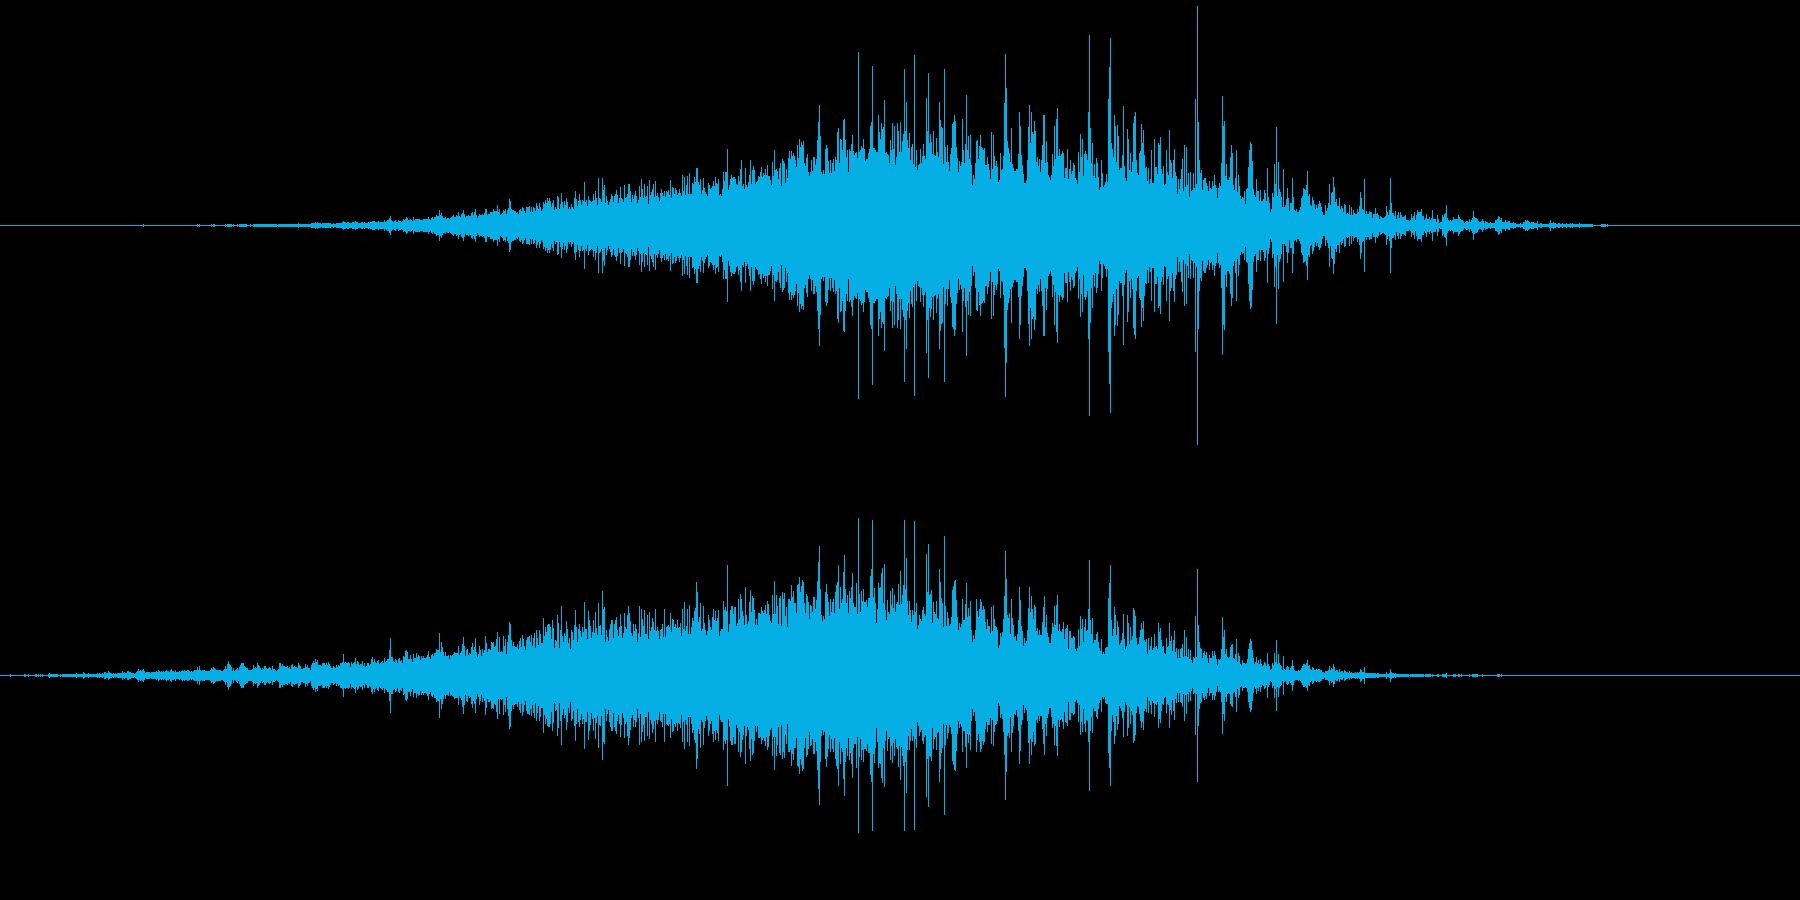 「シャラシャラ」数珠を擦った音 R-Lの再生済みの波形